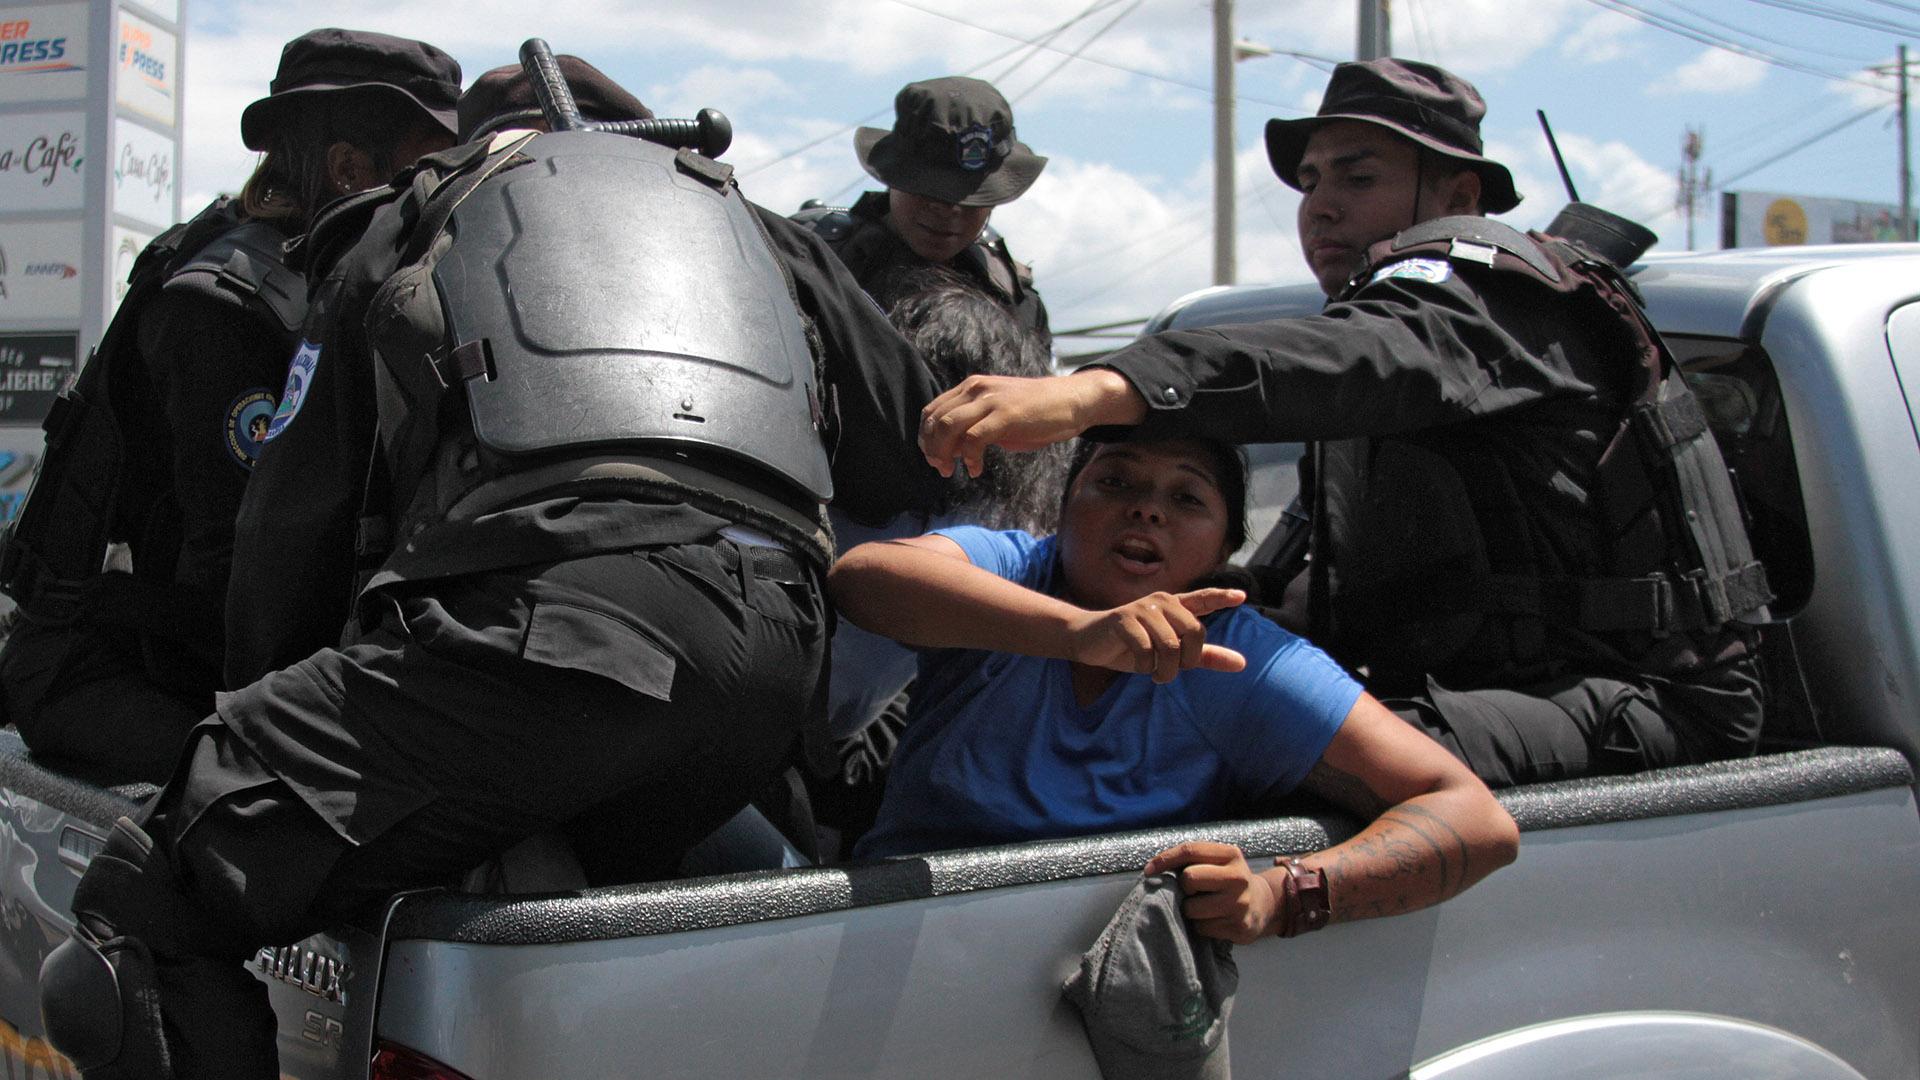 (Photo by Maynor Valenzuela / AFP)